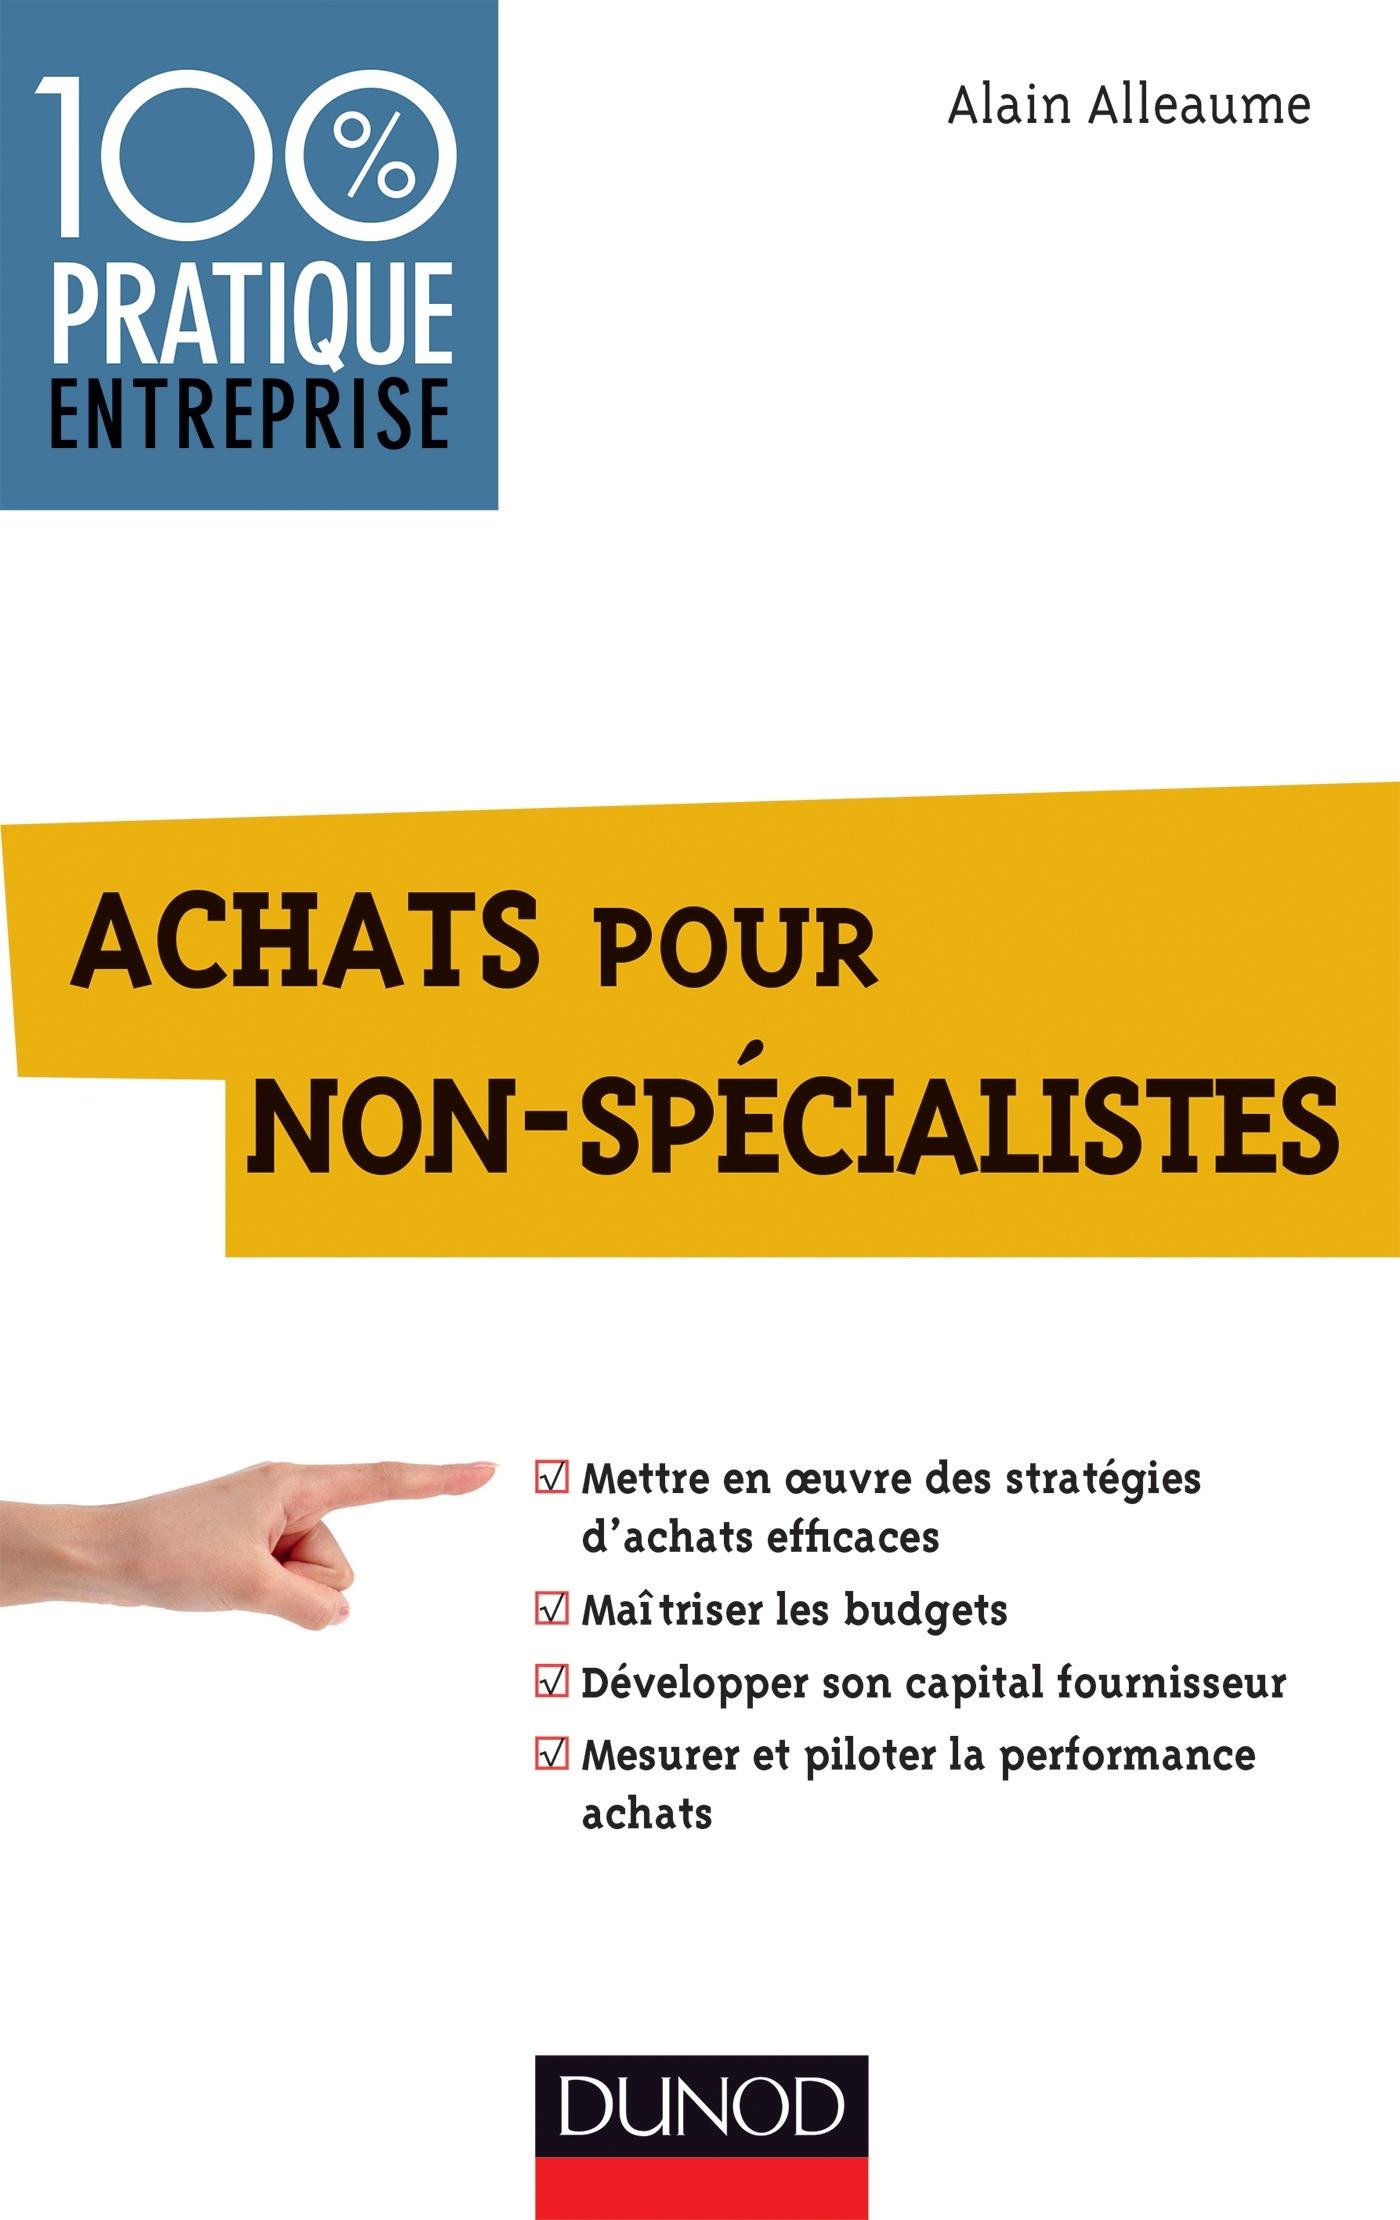 ACHATS POUR NON-SPECIALISTES - PRIX CDAF (COMPAGNIE DES DIRIGEANTS ET ACHETEURS DE FRANCE) 2013